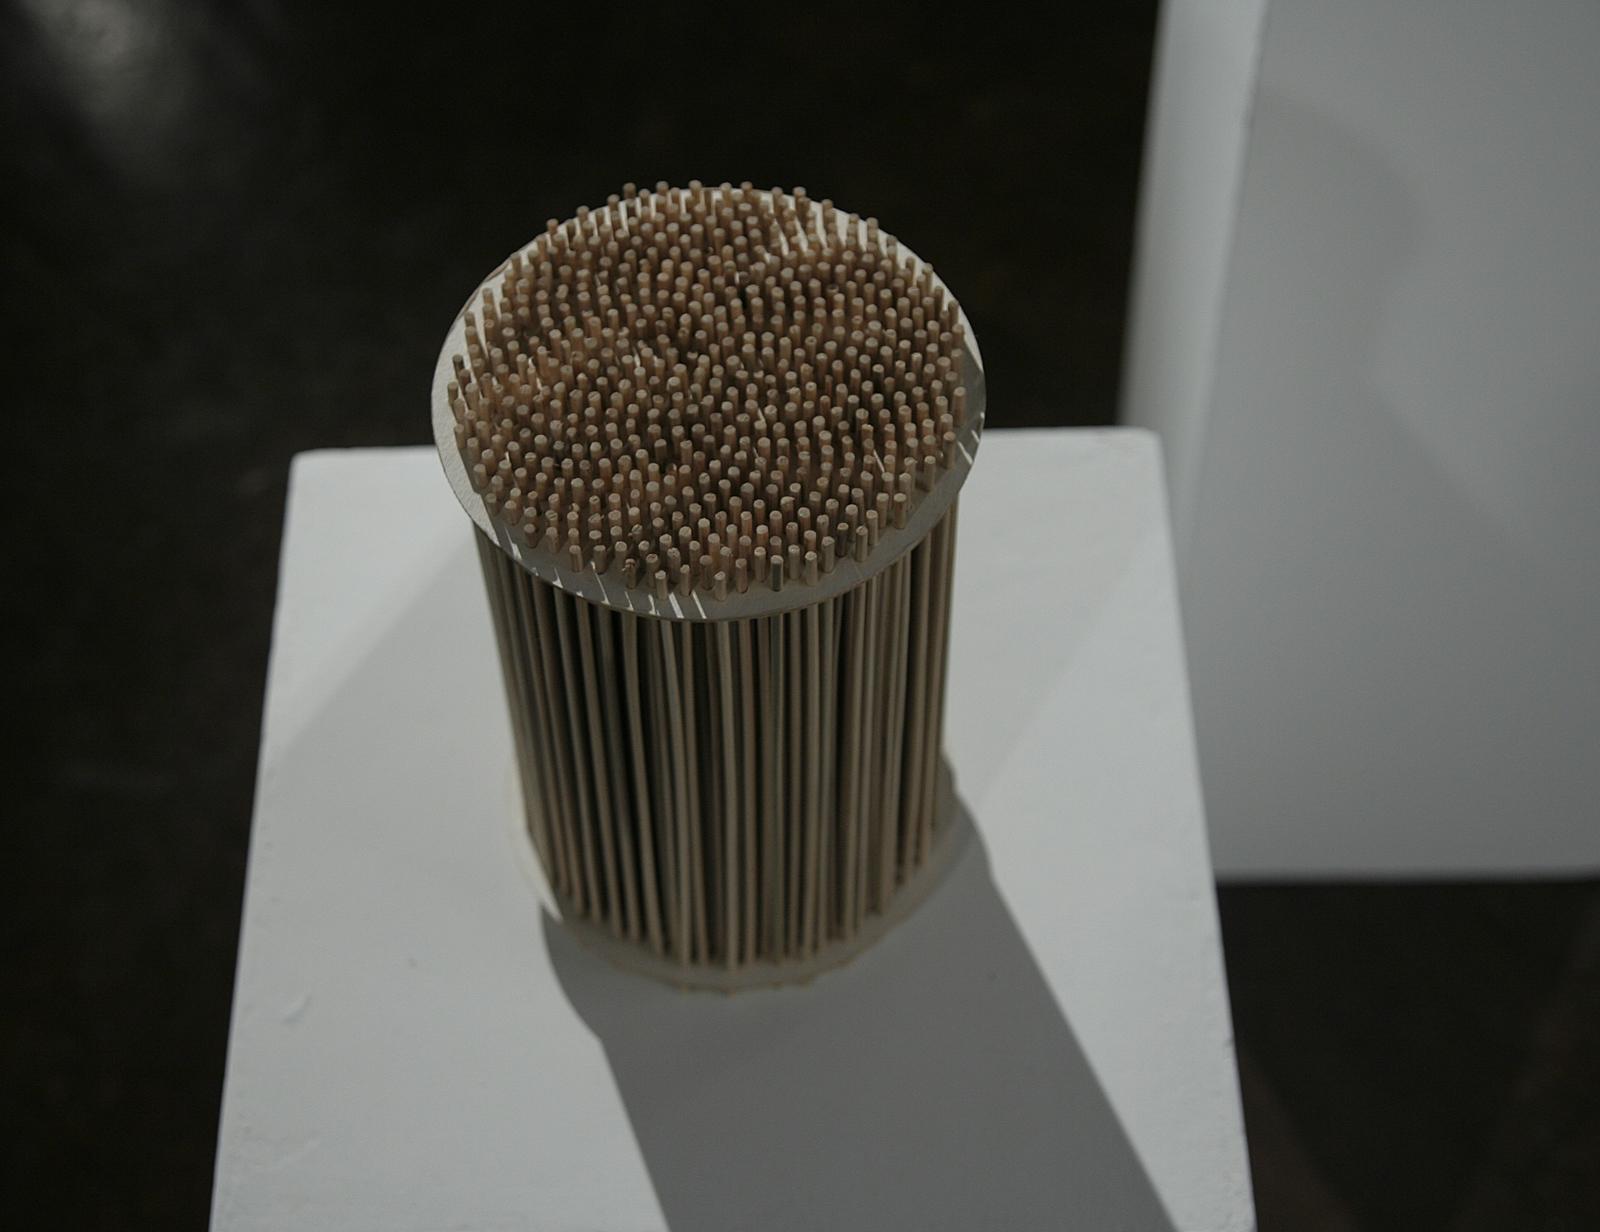 Szymon Kobylarz, 34/55, model, karton, drewno, 2014 - dzięki uprzejmości Galerii ŻAK | BRANICKA